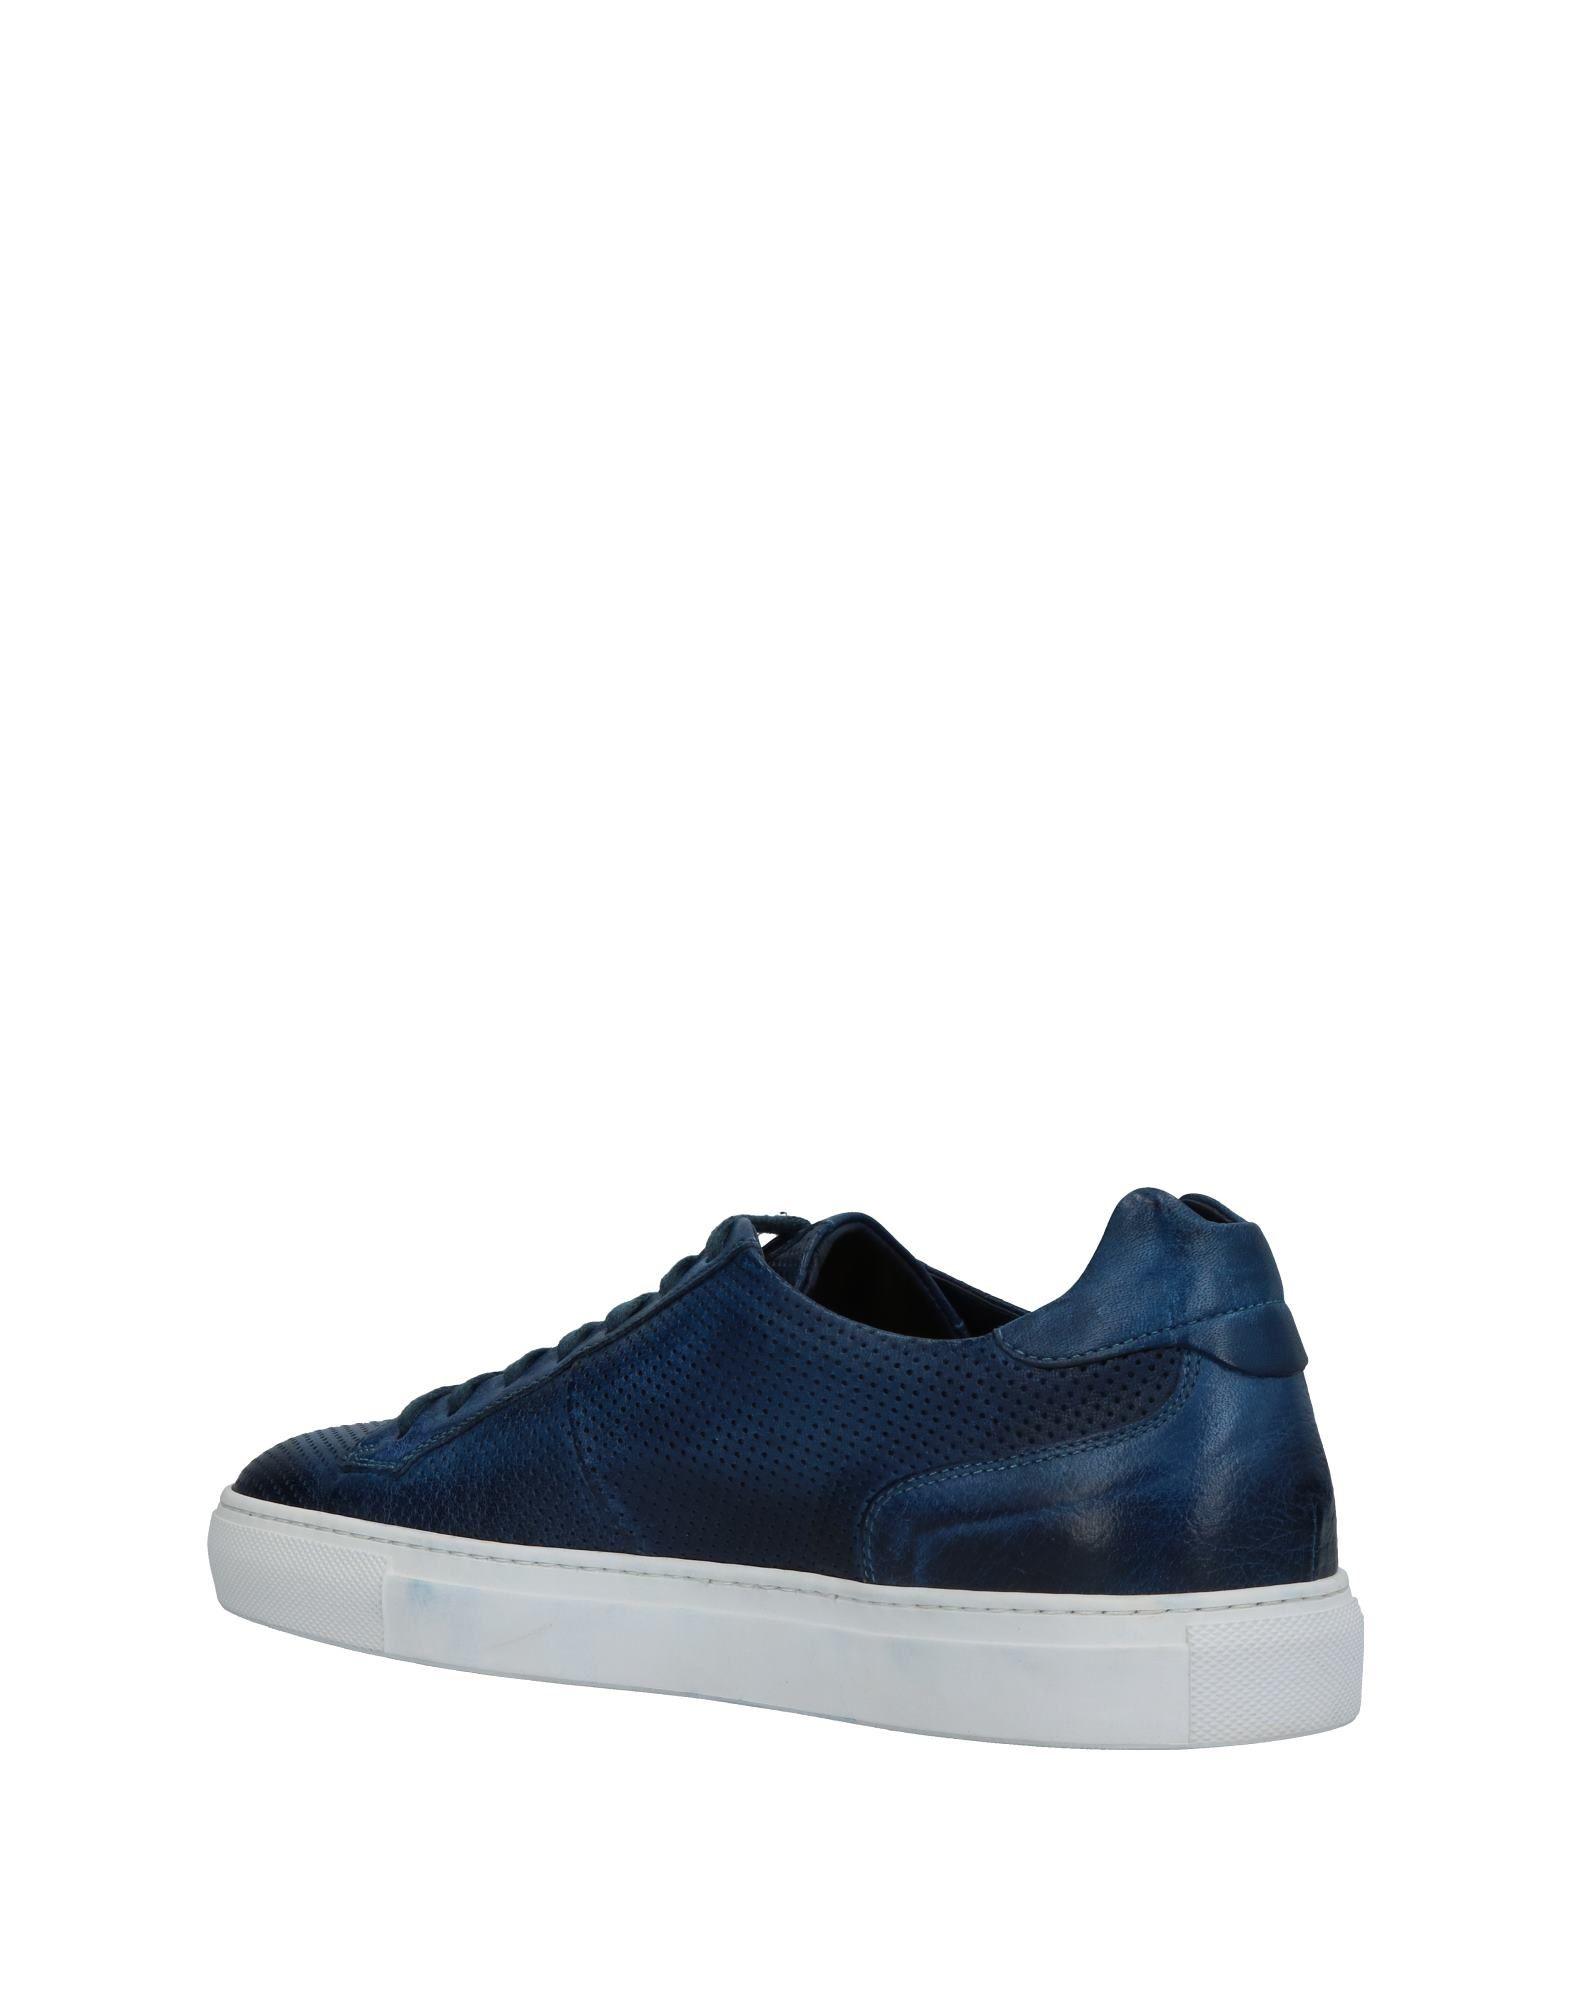 A buon mercato Sneakers Alessandrelli Uomo - 11359650JI